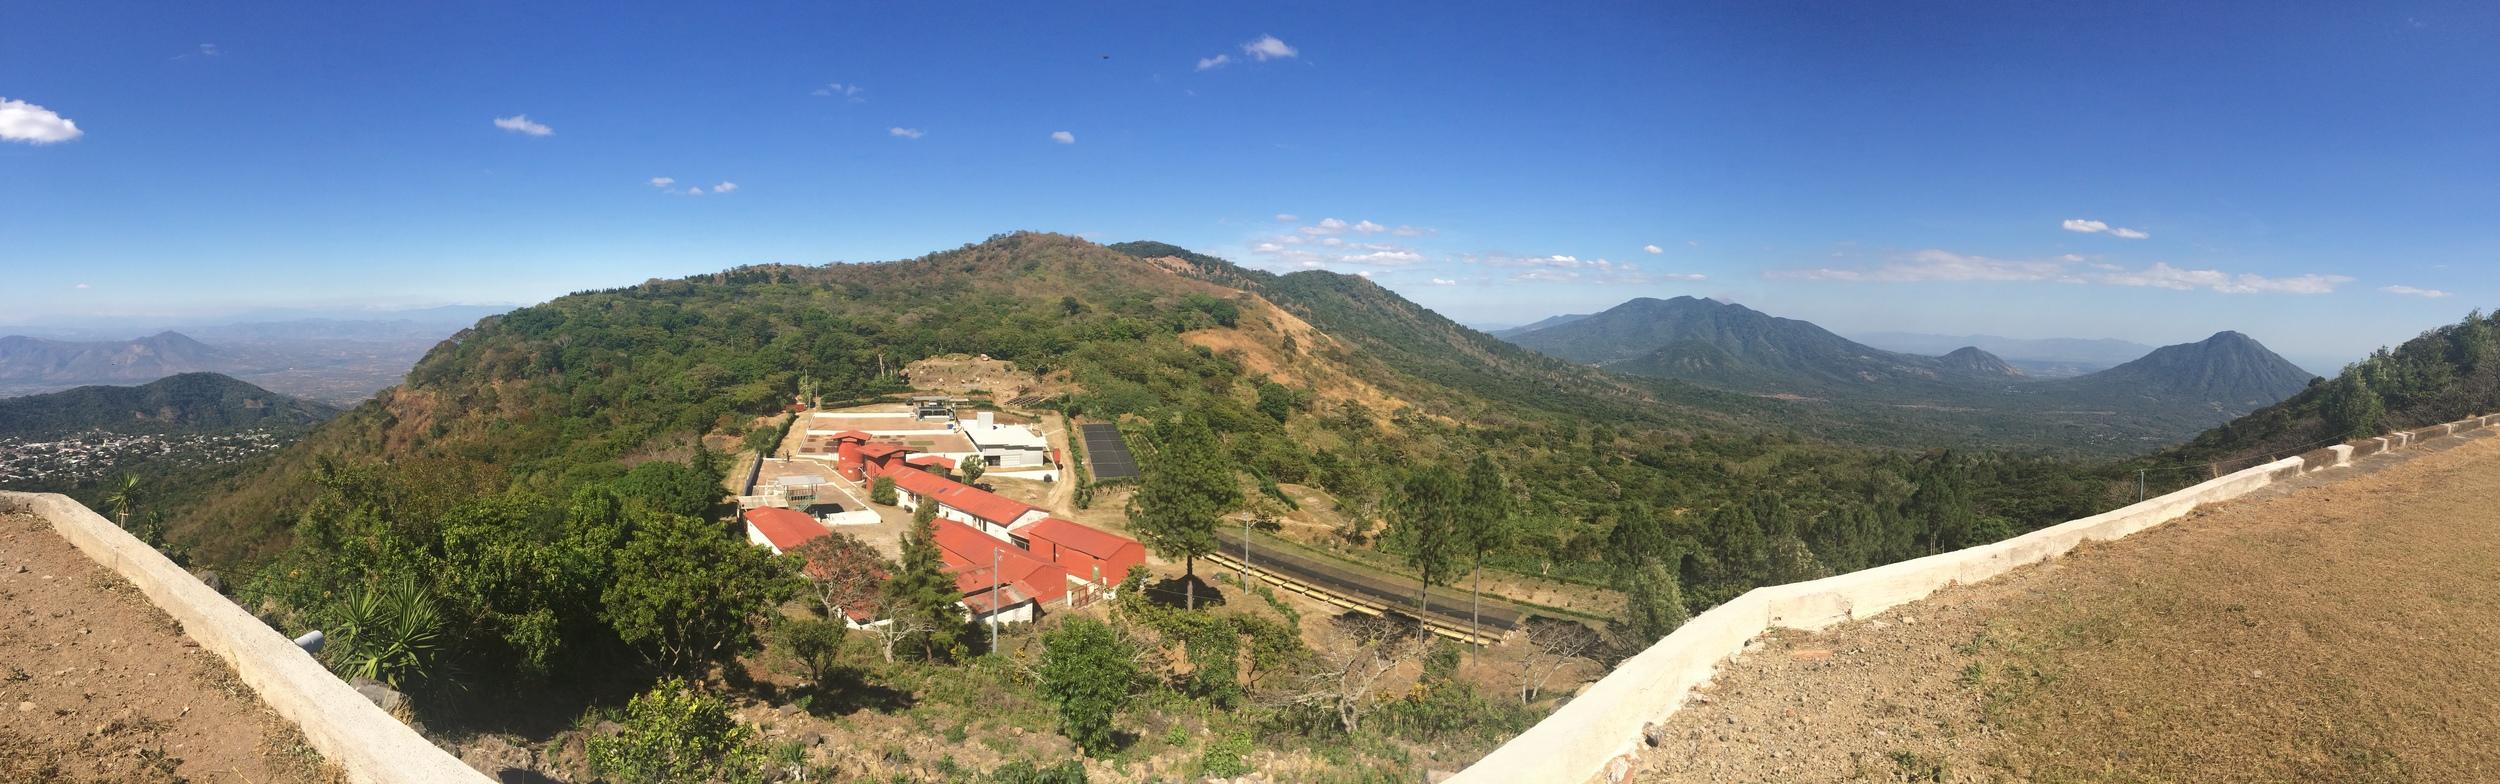 El Salvador coffee farm